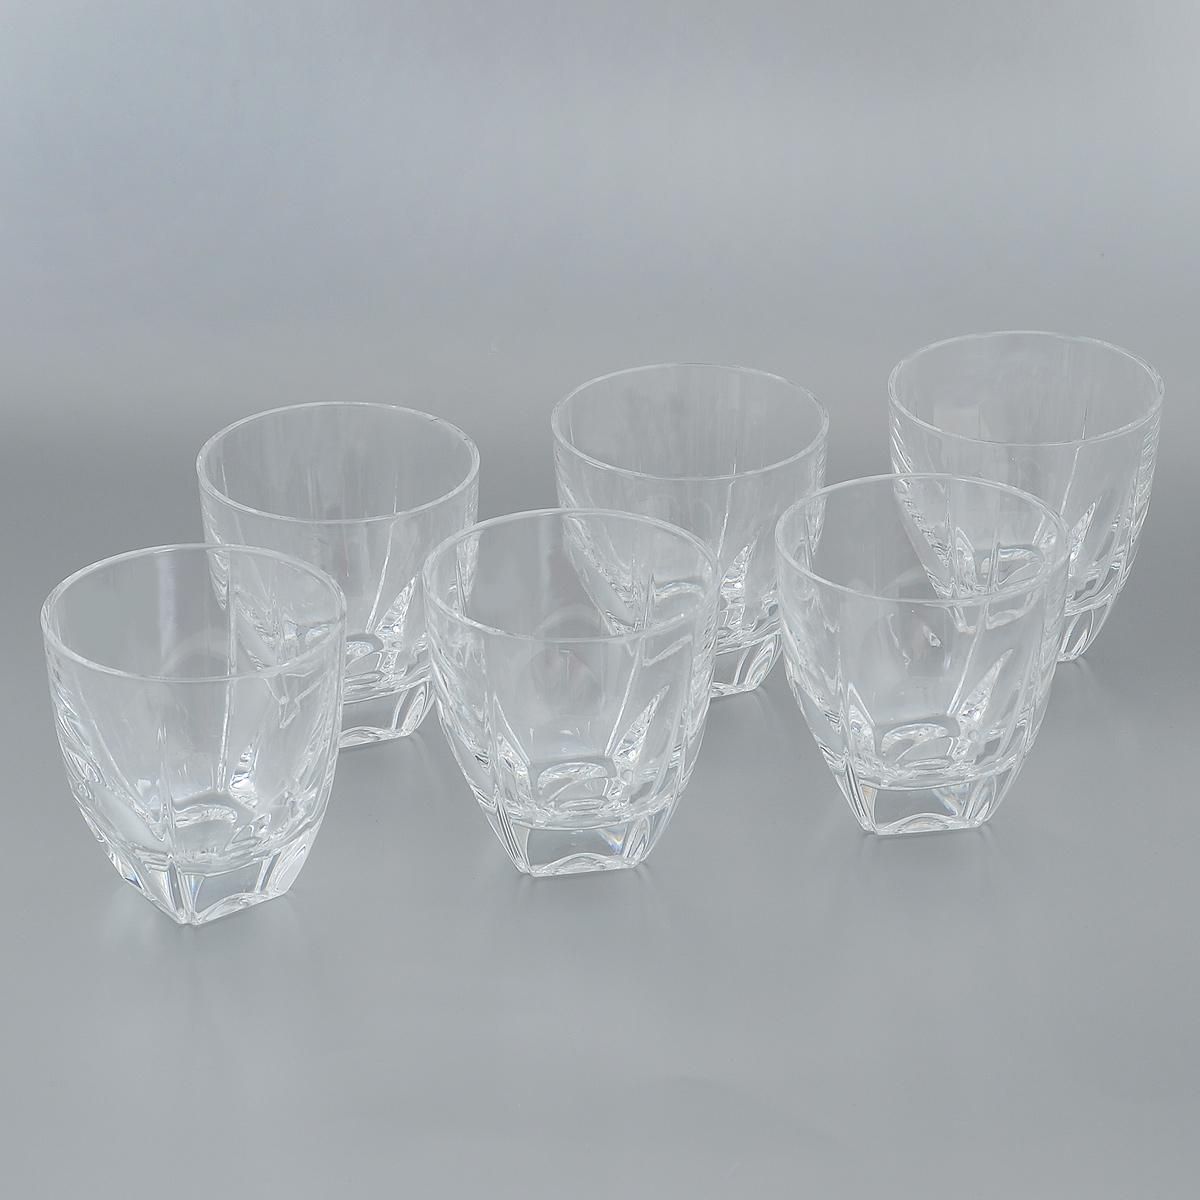 Набор стаканов Crystal Bohemia, 270 мл, 6 шт990/20500/0/37700/270-609Набор Crystal Bohemia состоит из шести стаканов. Изделия выполнены из прочного высококачественного хрусталя. Они излучают приятный блеск и издают мелодичный звон. Набор предназначен для подачи виски, бренди или коктейлей. Набор Crystal Bohemia прекрасно оформит интерьер кабинета или гостиной и станет отличным дополнением бара. Такой набор также станет хорошим подарком к любому случаю.